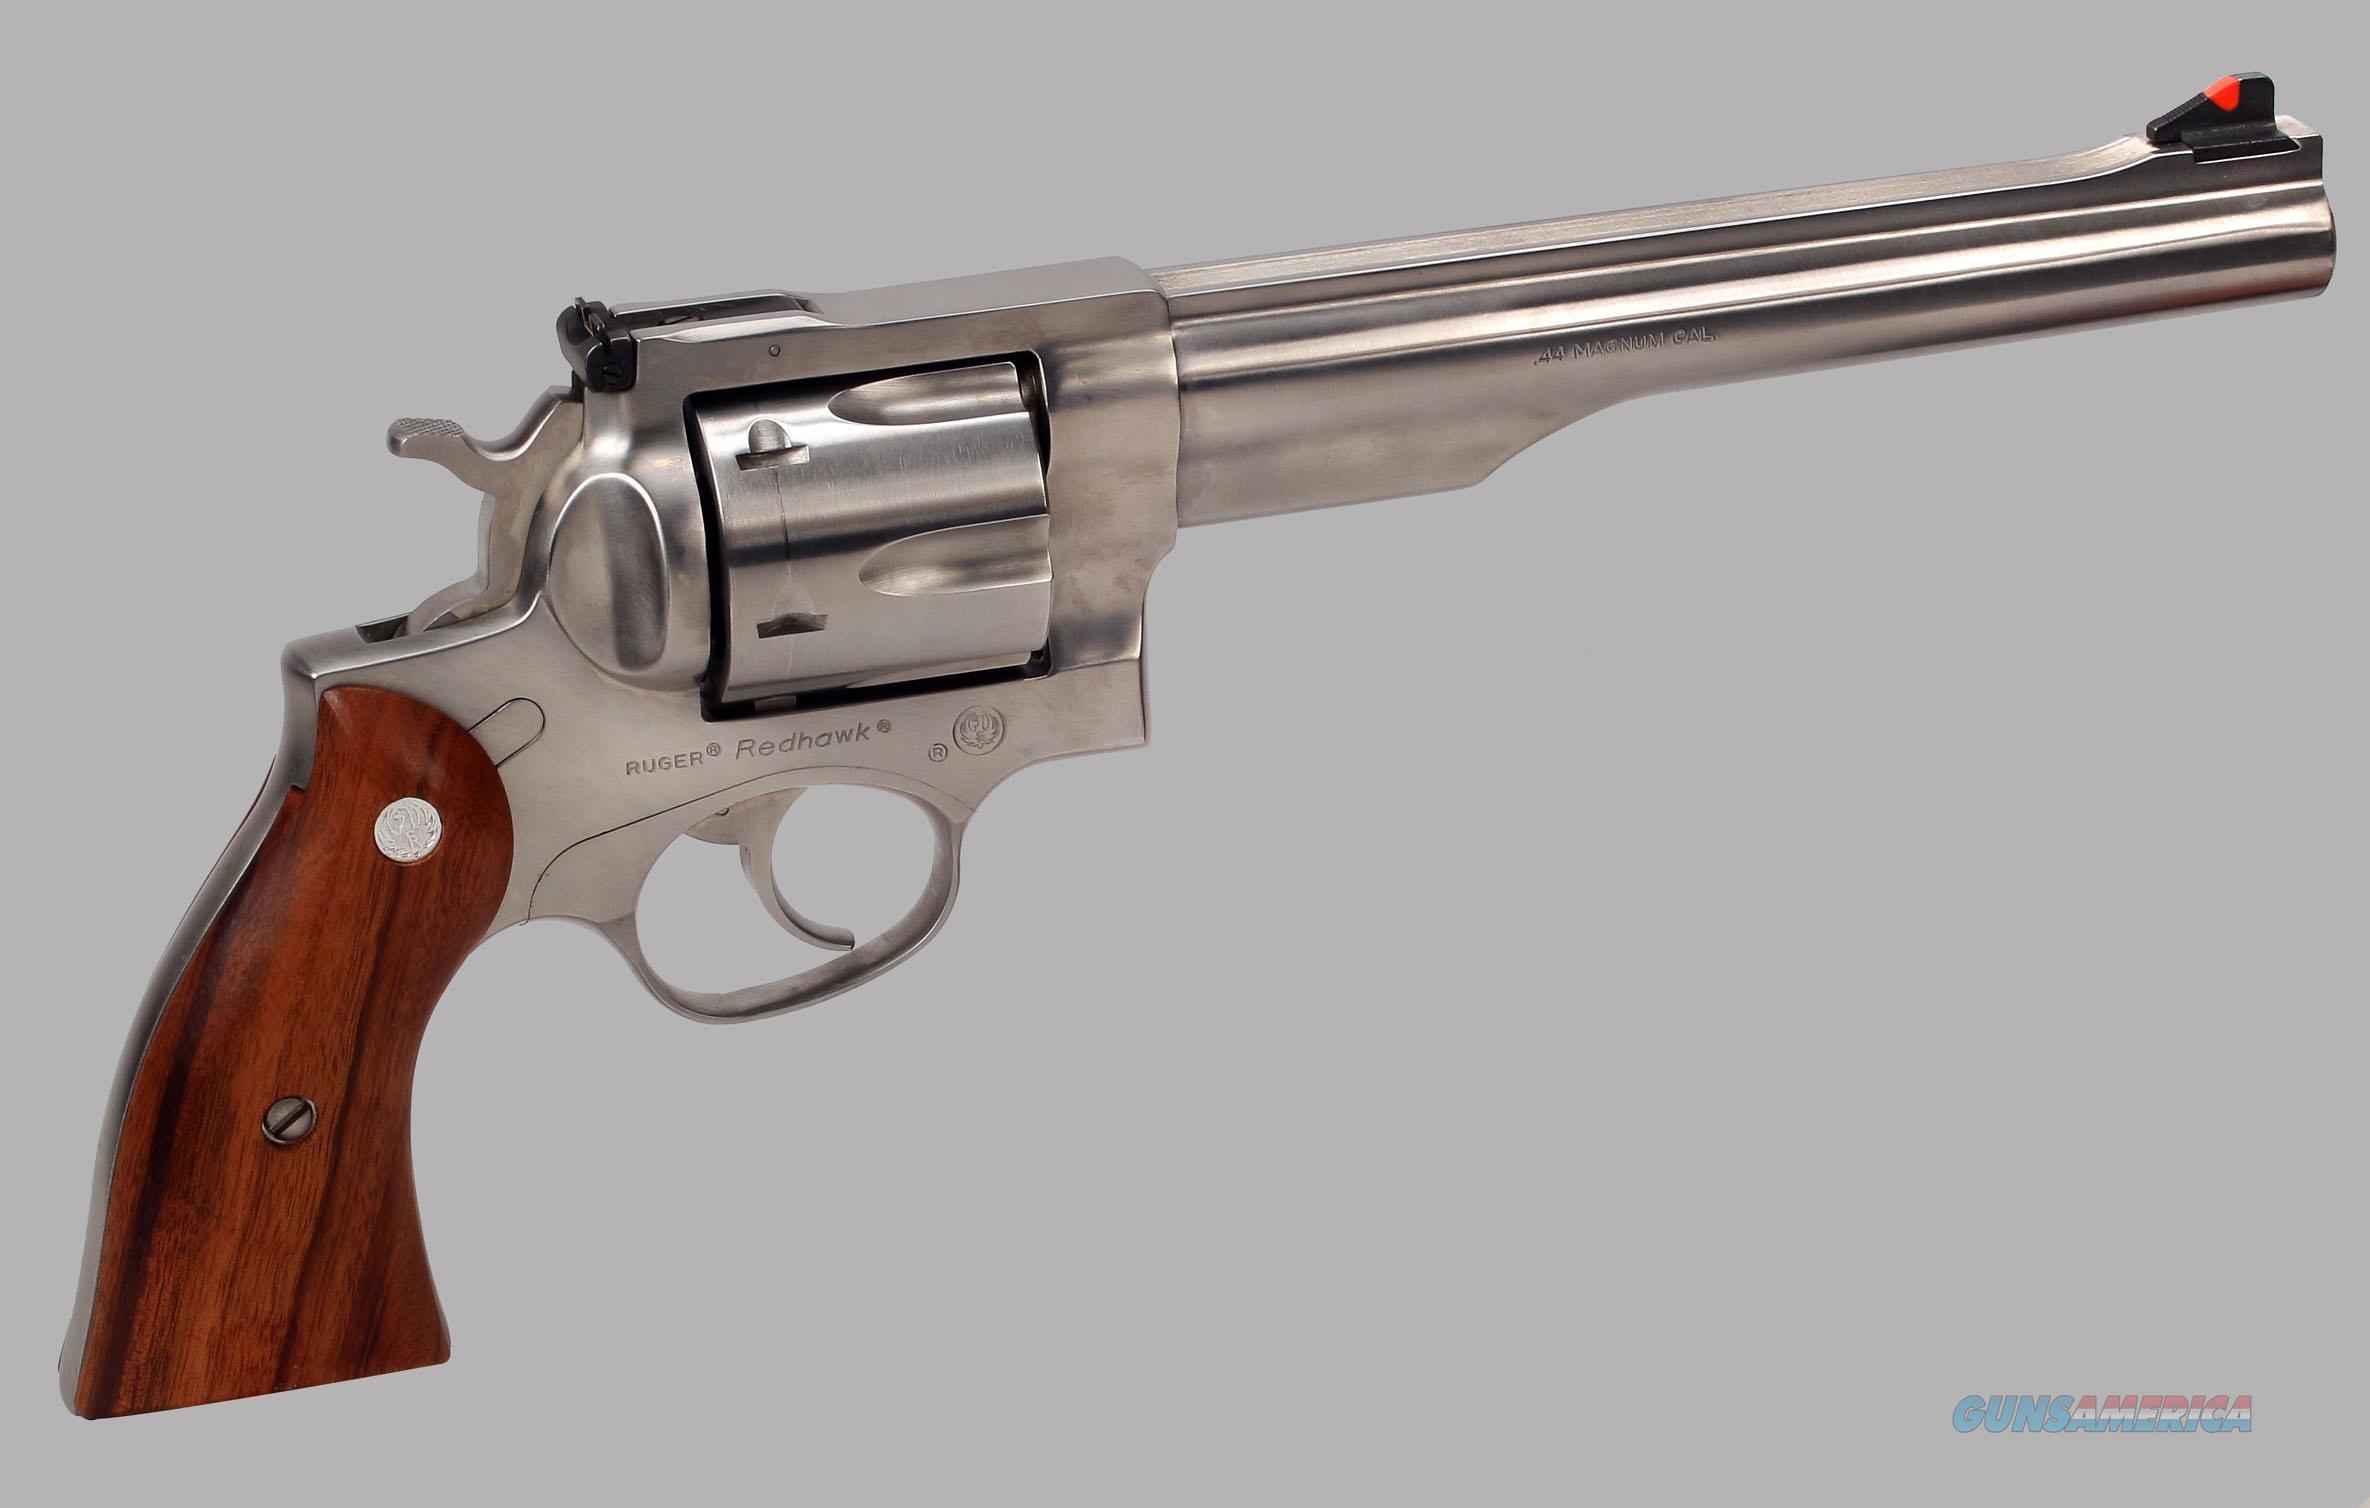 Ruger 44 Magnum Redhawk Revolver